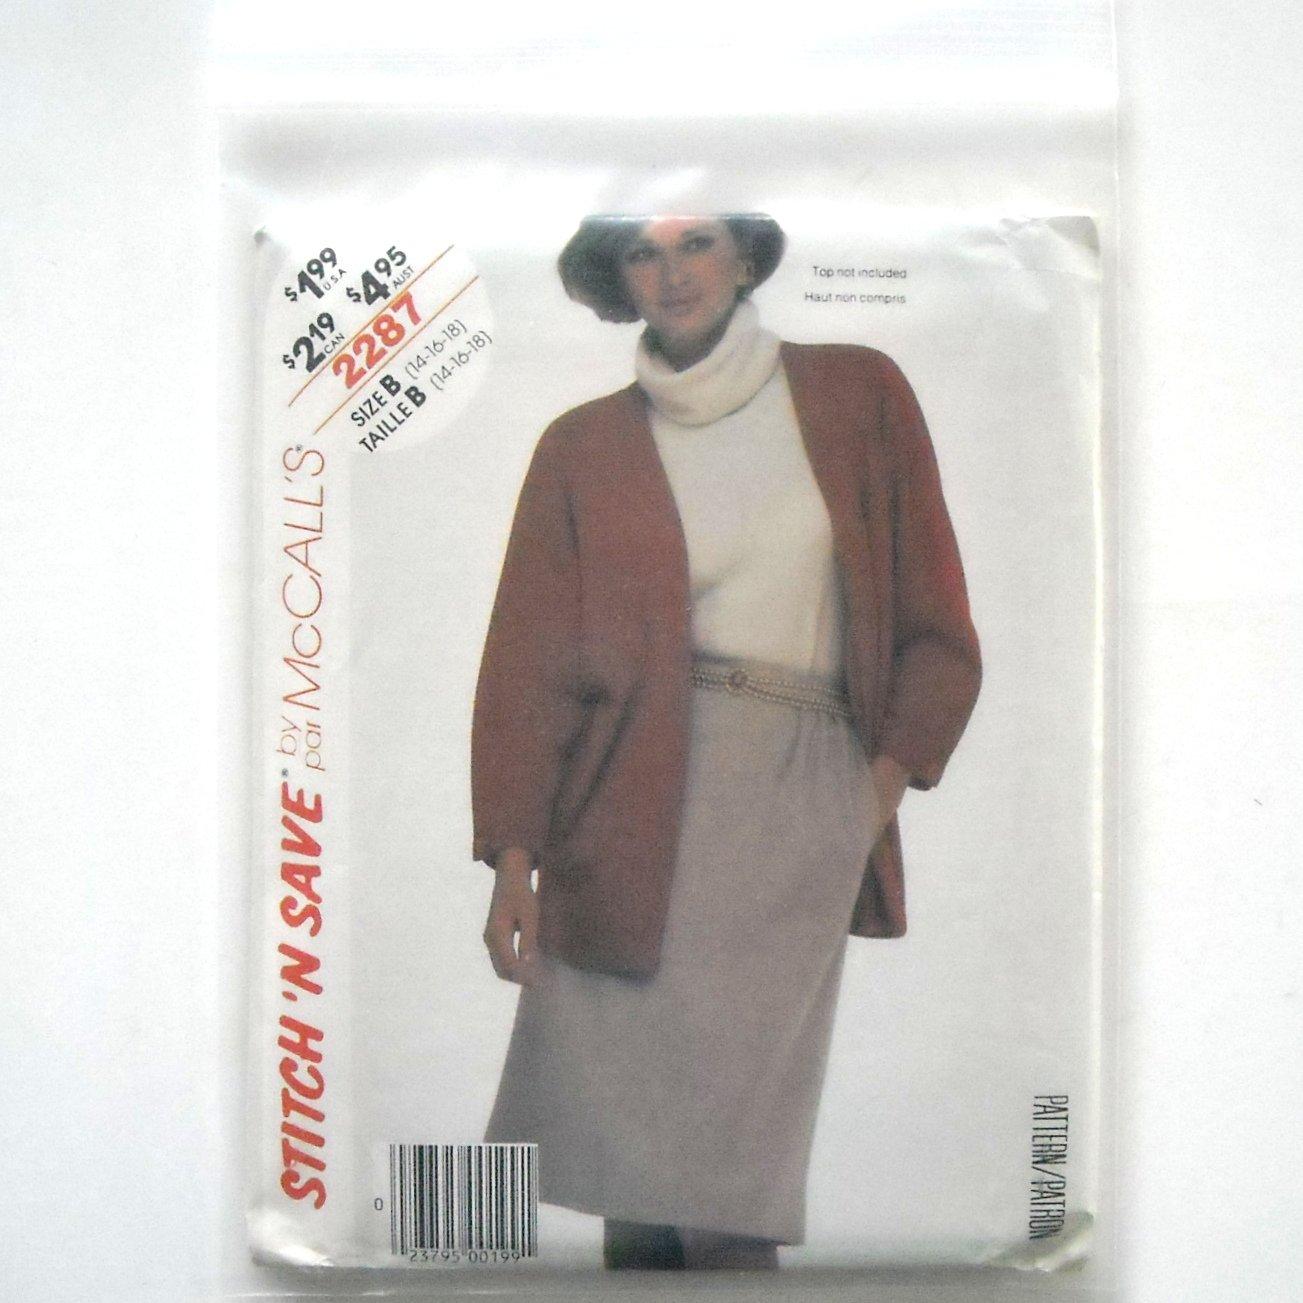 Misses Jacket Skirt Size 14 - 18 Vintage McCalls Sewing Pattern 2287